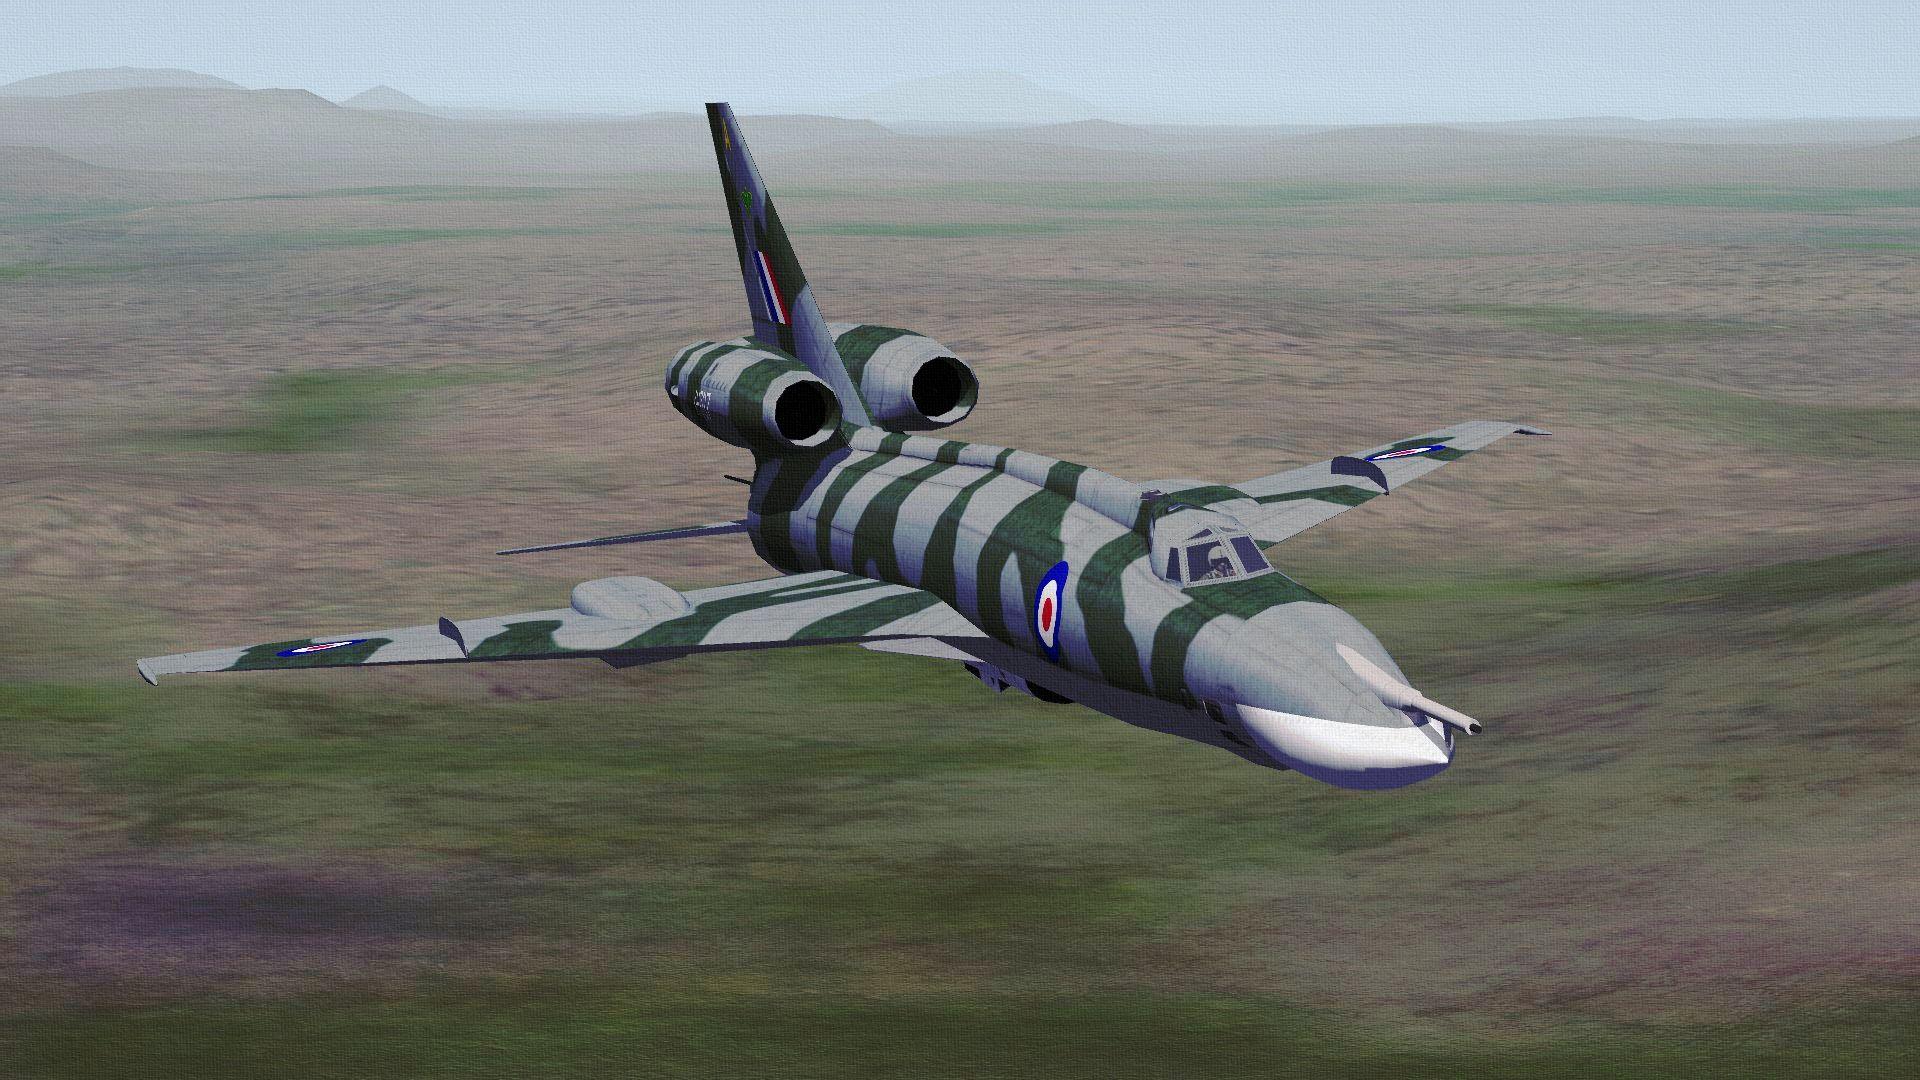 RAFTU-22KDBLINDER14_zpse63b9022.jpg